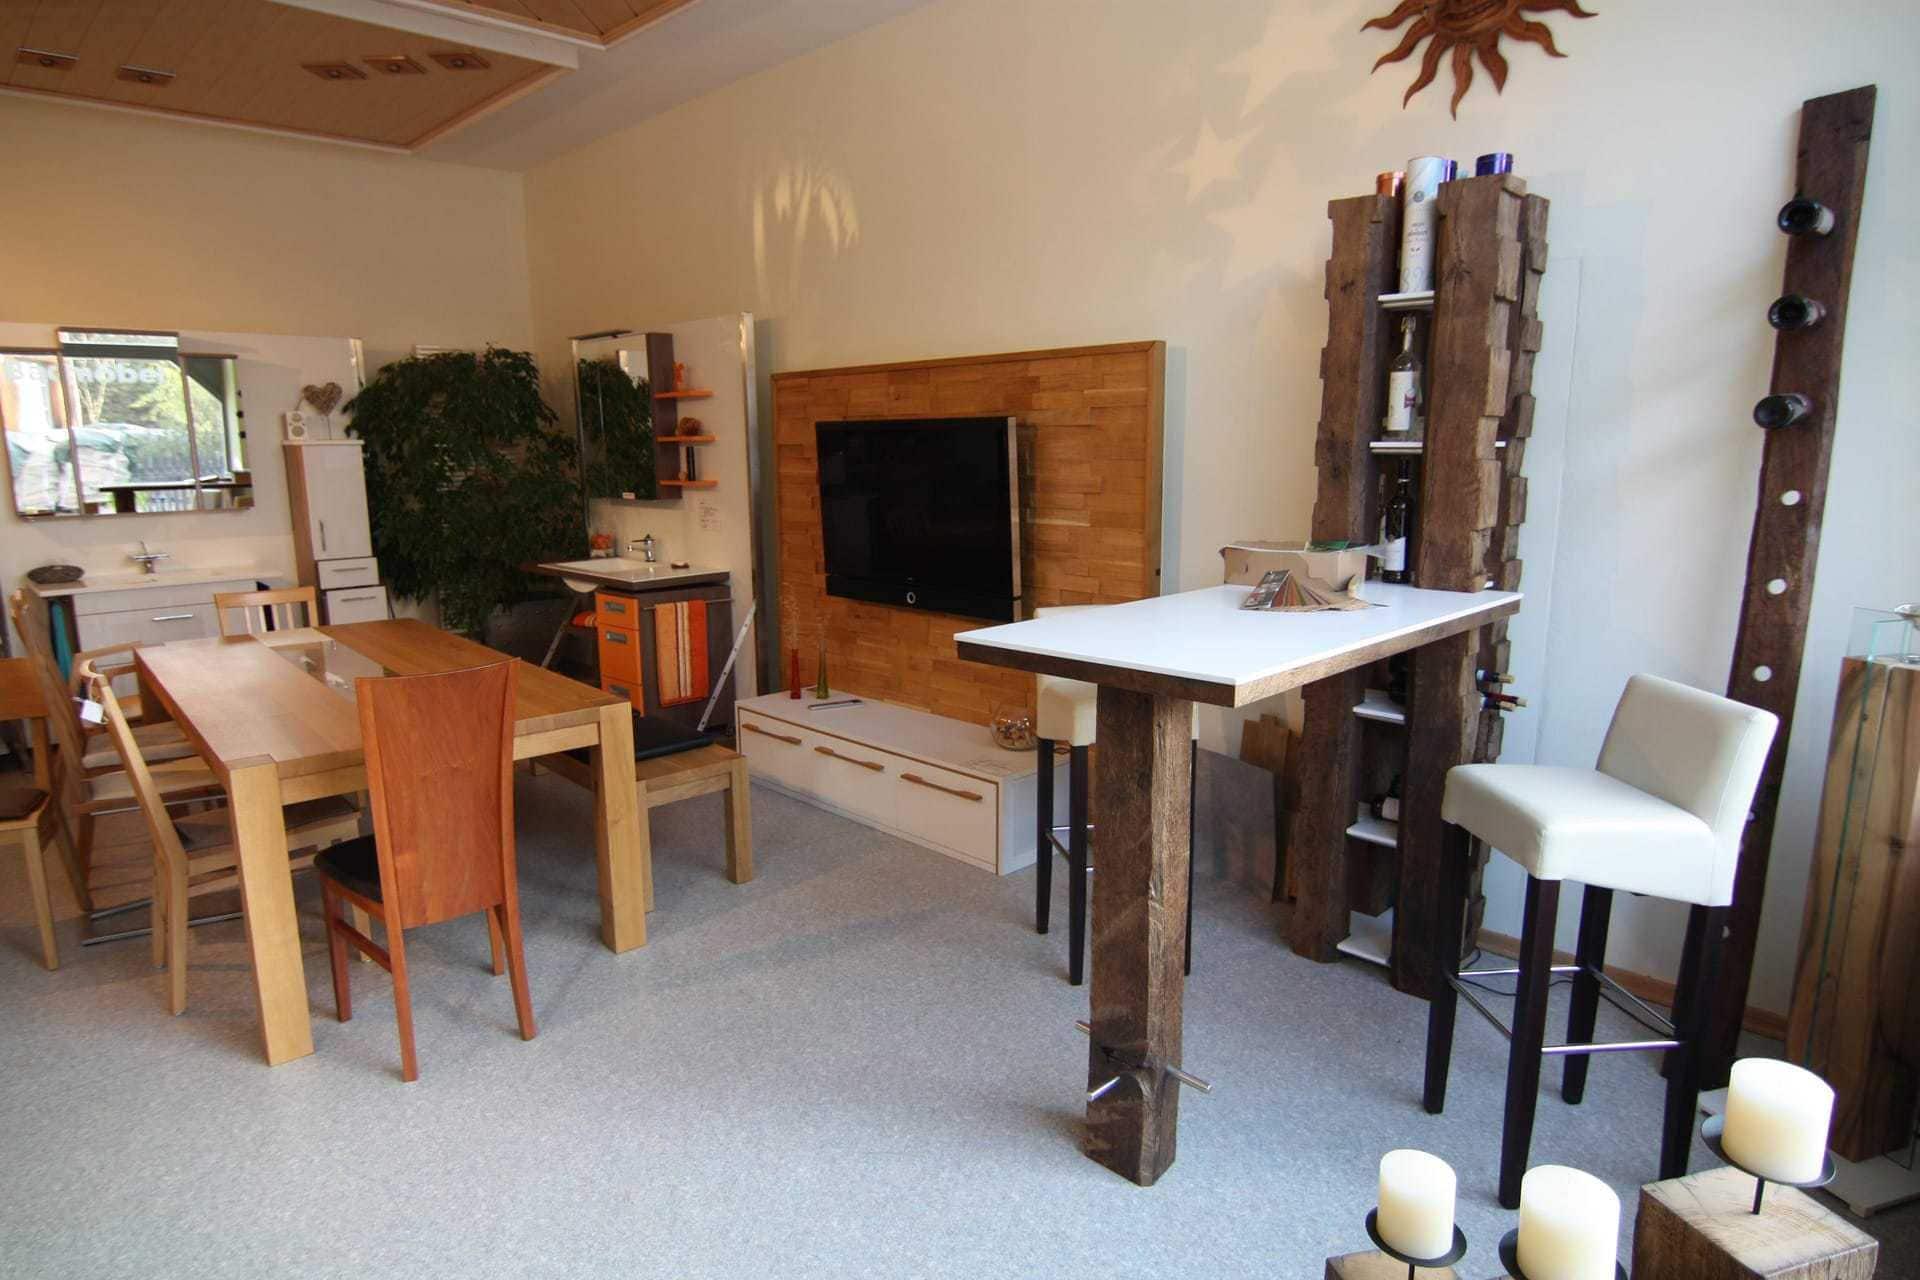 Holzmöbel nach Maß Tag der offenen Tür in der Schreinerei Schroll am 9./10.11.